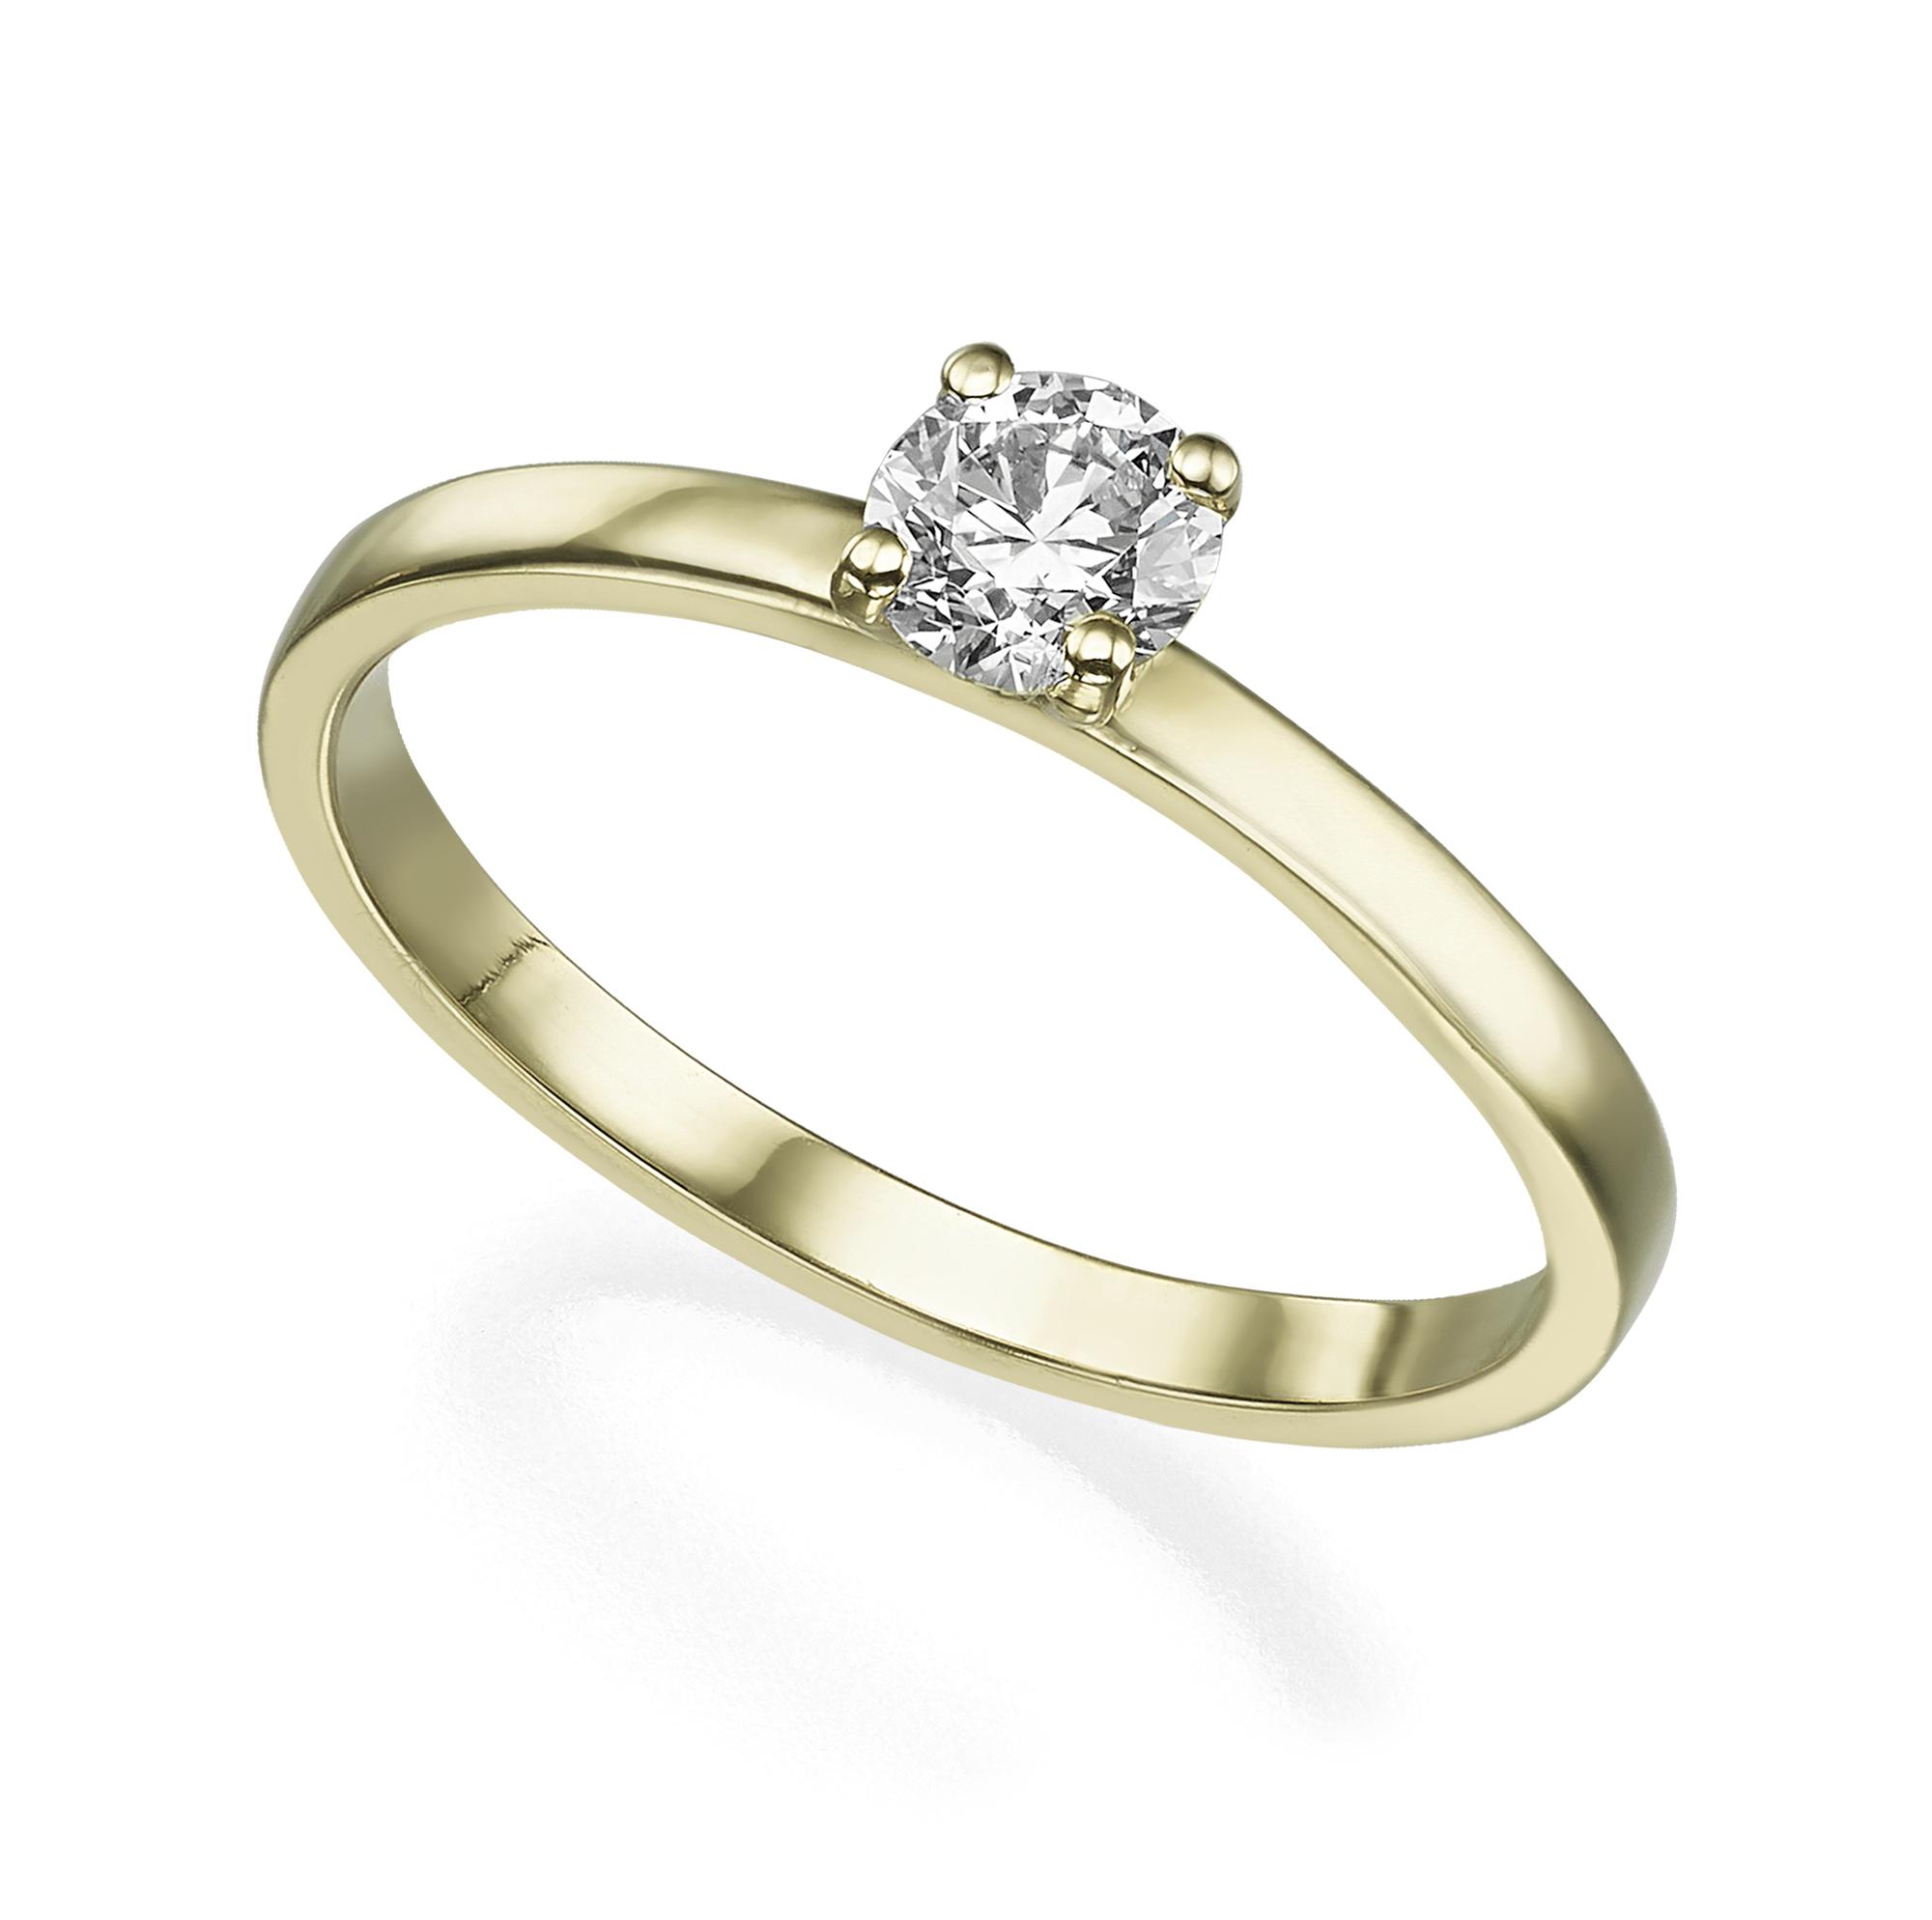 טבעת סוליטר יהלום 40 נקודות פרופיל ישר